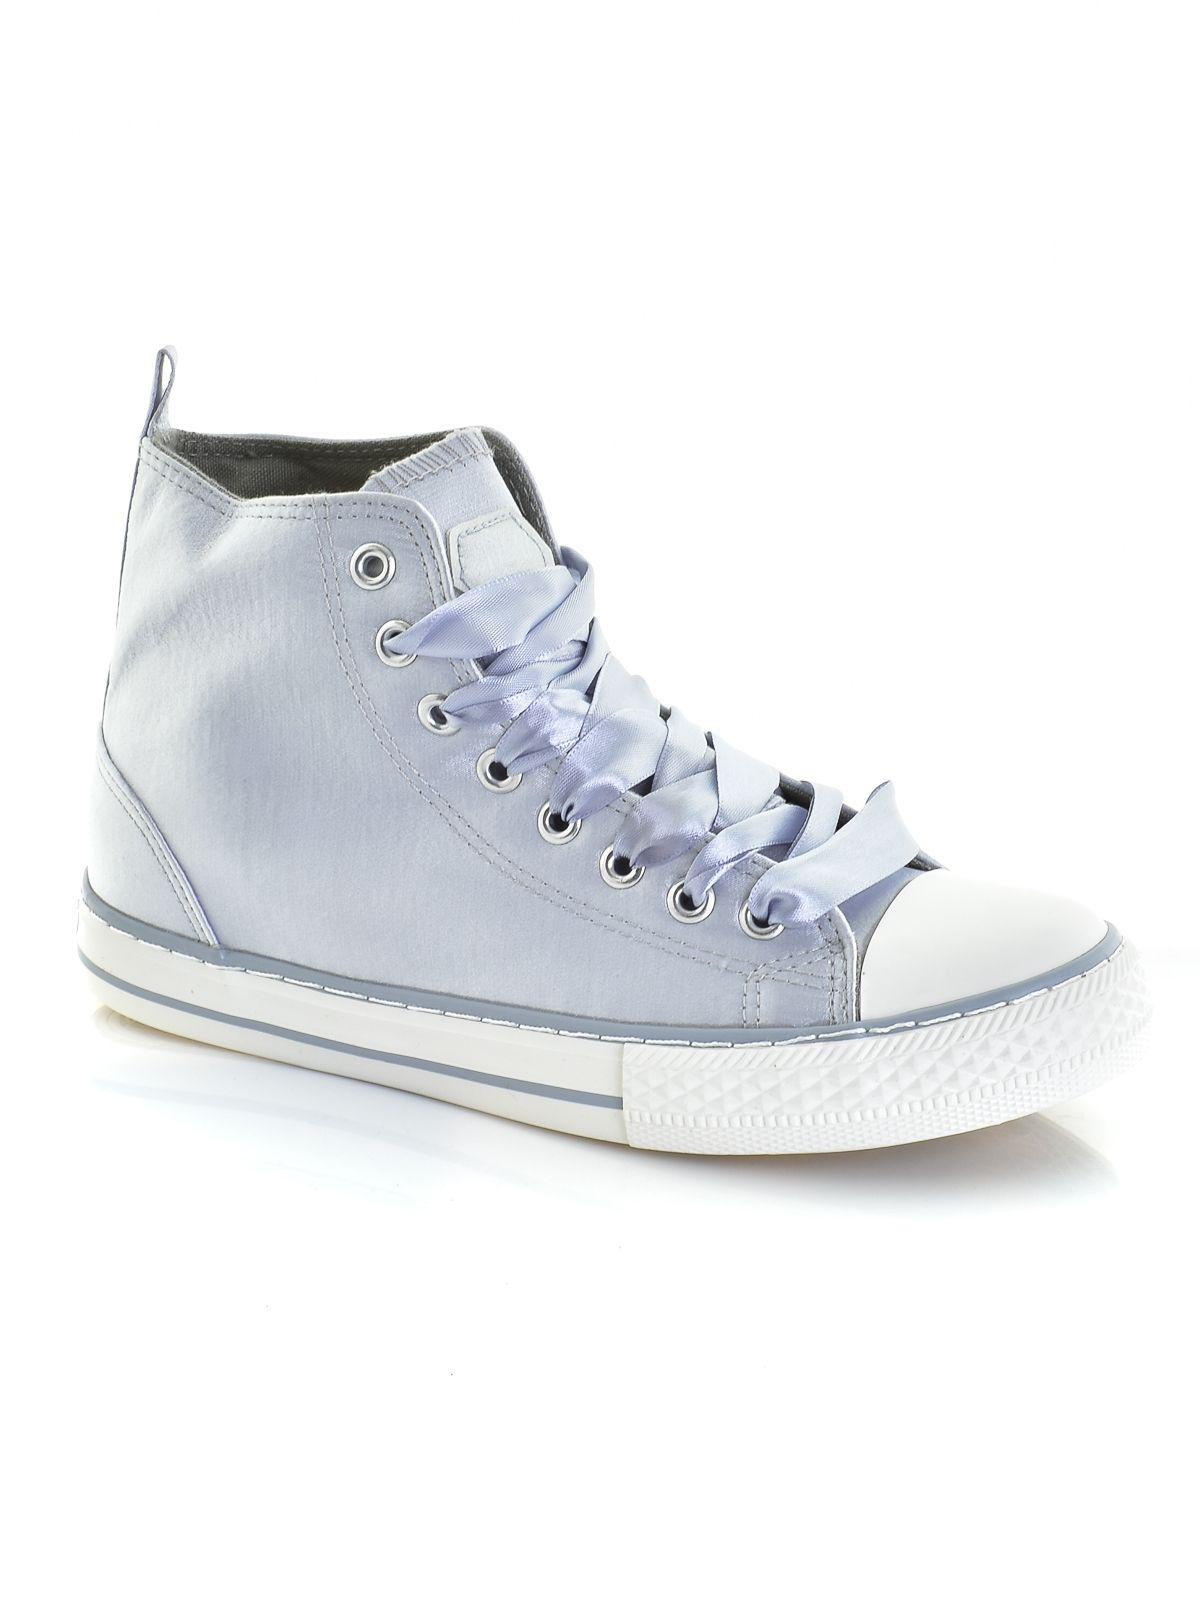 Devergo Női vászon cipő ALEXA | Markasbolt.hu Hivatalos